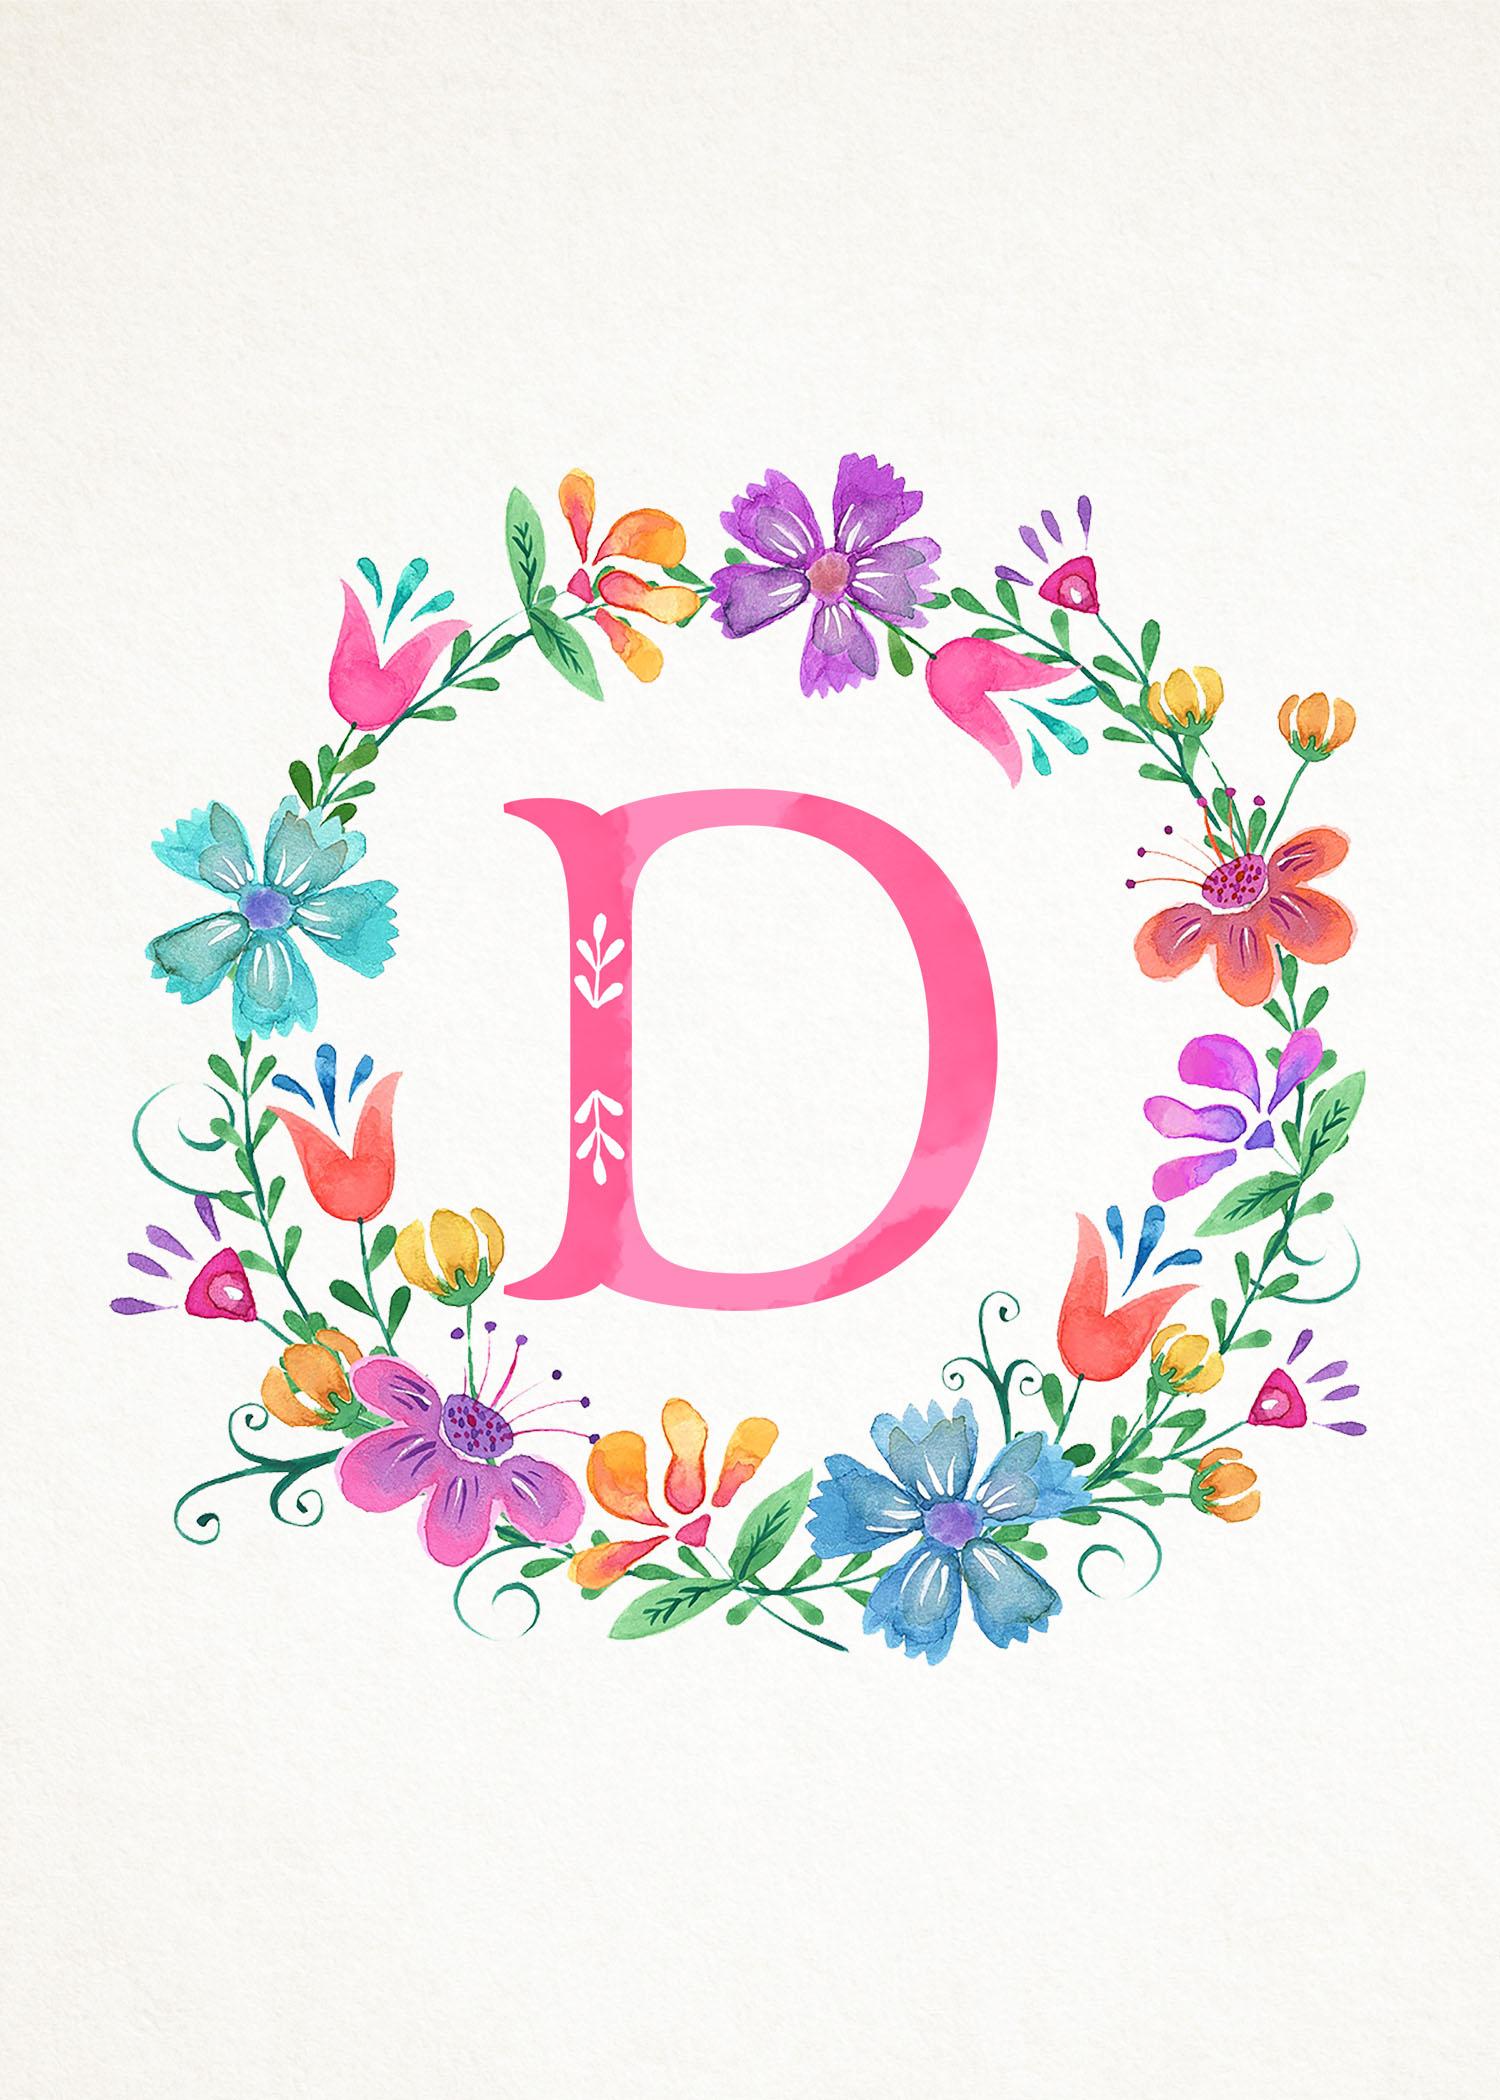 J Alphabet Wallpaper In Heart Free Printable Whimsic...